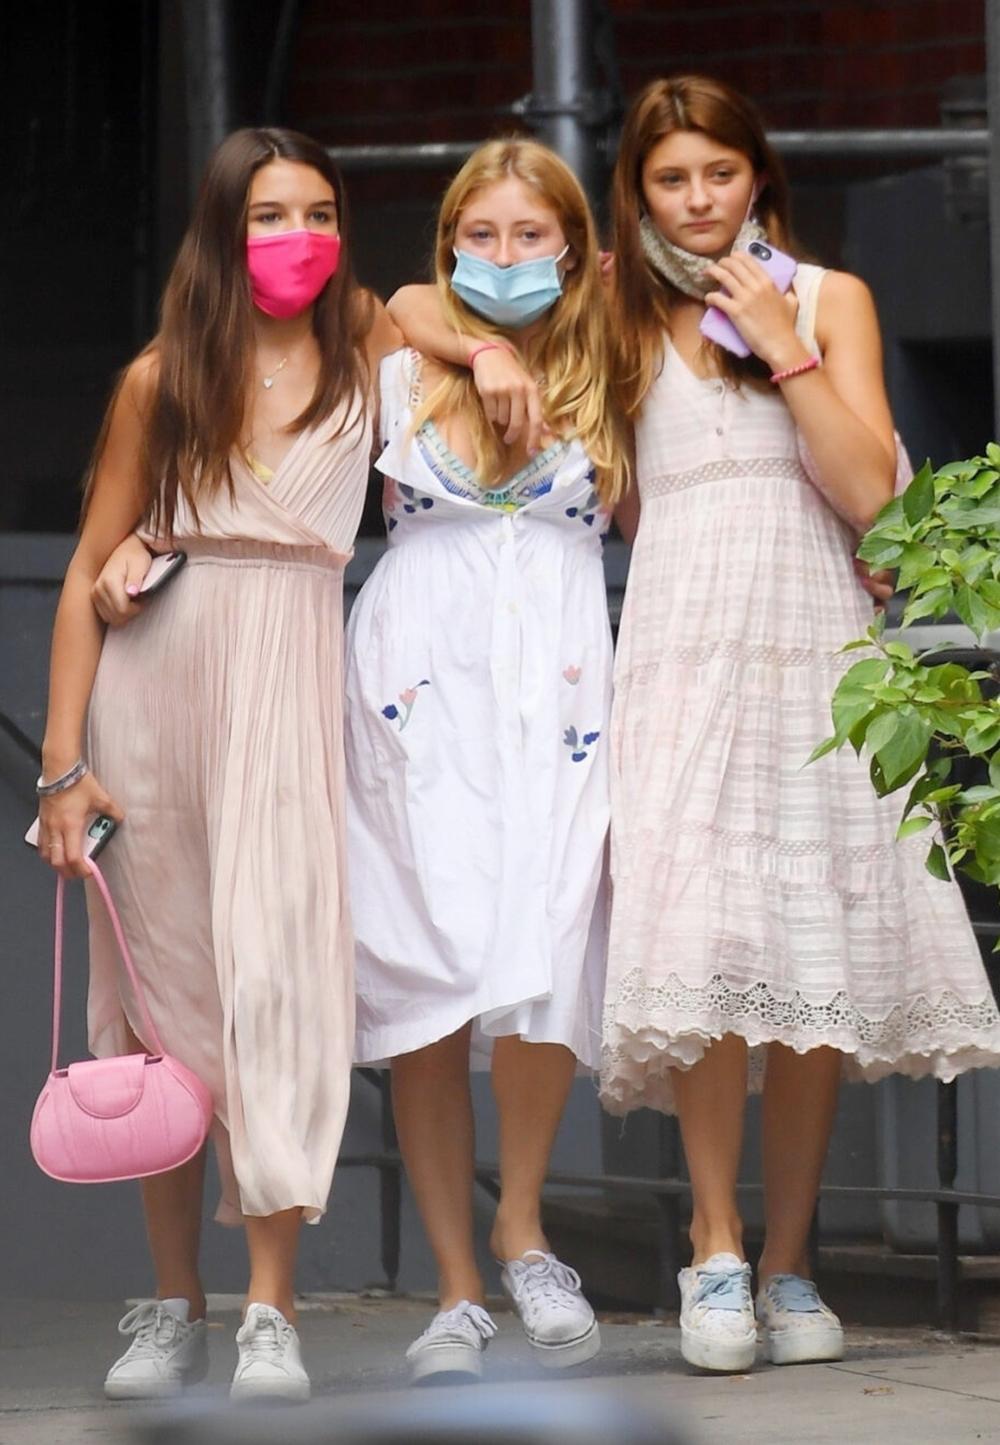 Trước đó 3 ngày, Suri (ngoài cùng, tay trái) xuất hiện trên phố, đi ăn trưa cùng bạn với váy dây màu nude, tôn trang phục bằng túi đeo vai hồng nhạt.